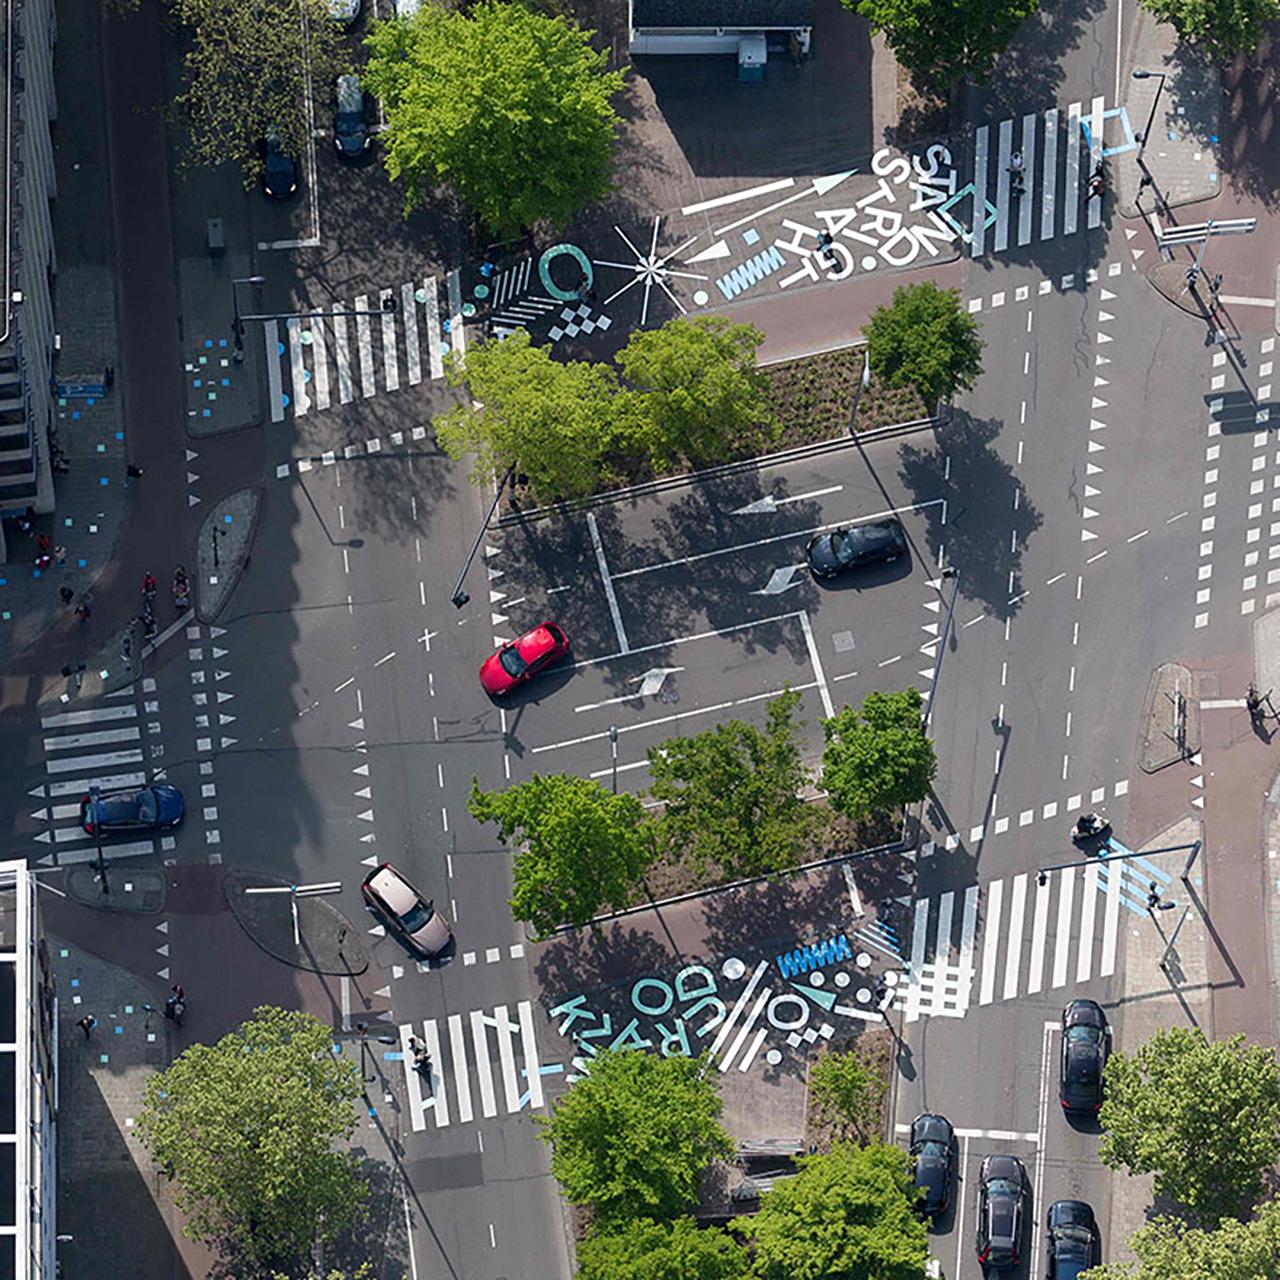 תכנון צומת עם מעברי חציה ברוטרדם (צילום: streetmakers)